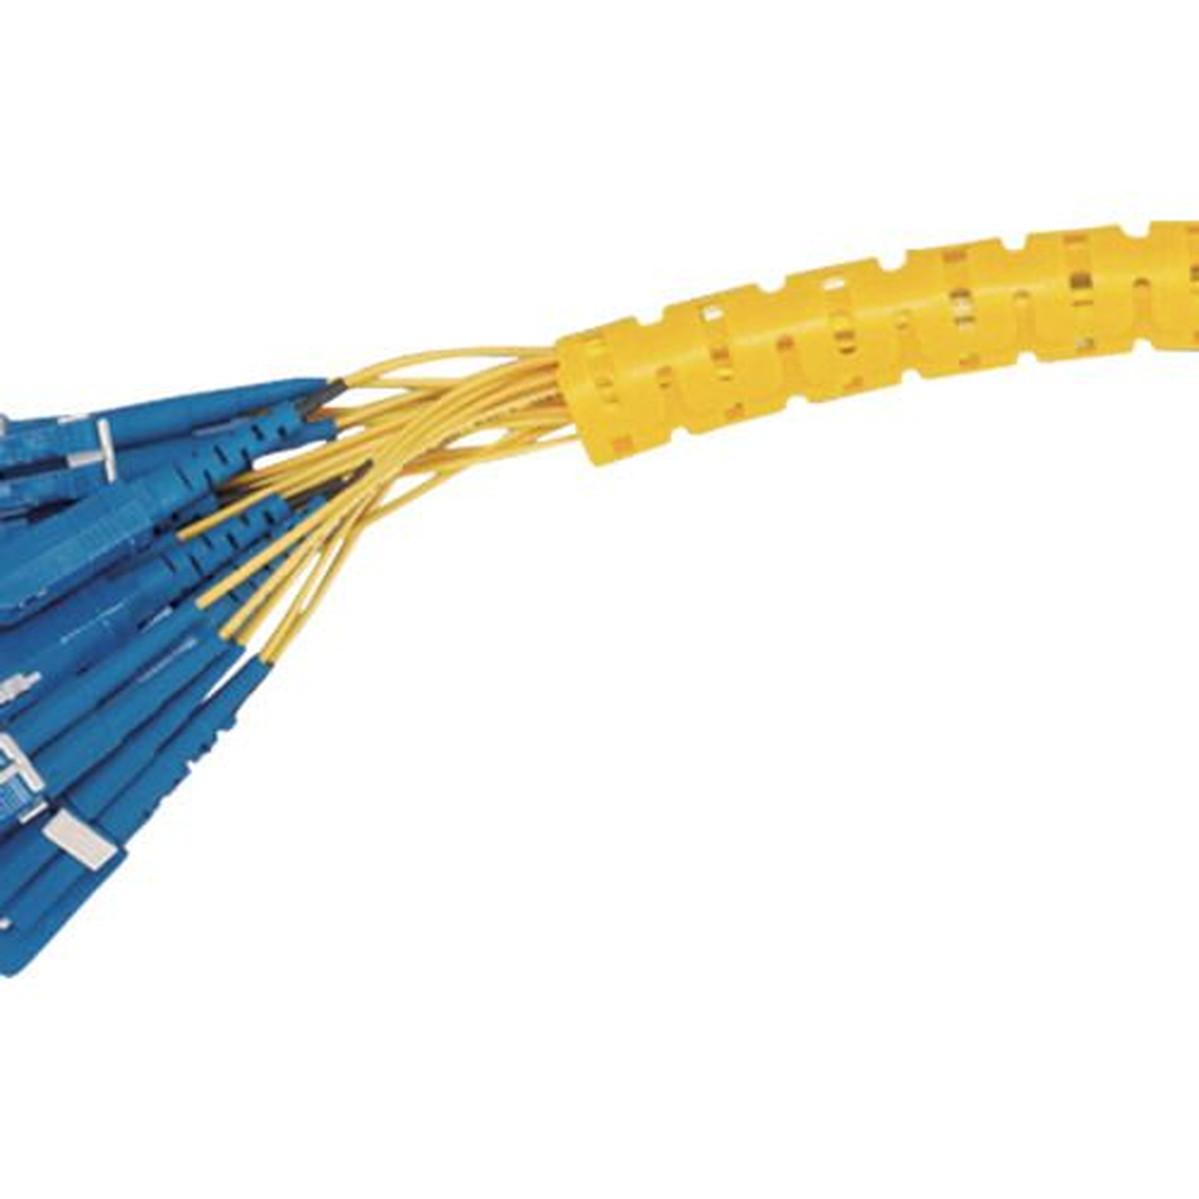 第一ネット パンドウイット 電線保護チューブ スリット型スパイラル 1巻 電線保護チューブ パンラップ パンドウイット 束線径20.6mm 30m巻き 黄 PW100F-C4 1巻, エムアンドエム:d6d0af89 --- kventurepartners.sakura.ne.jp